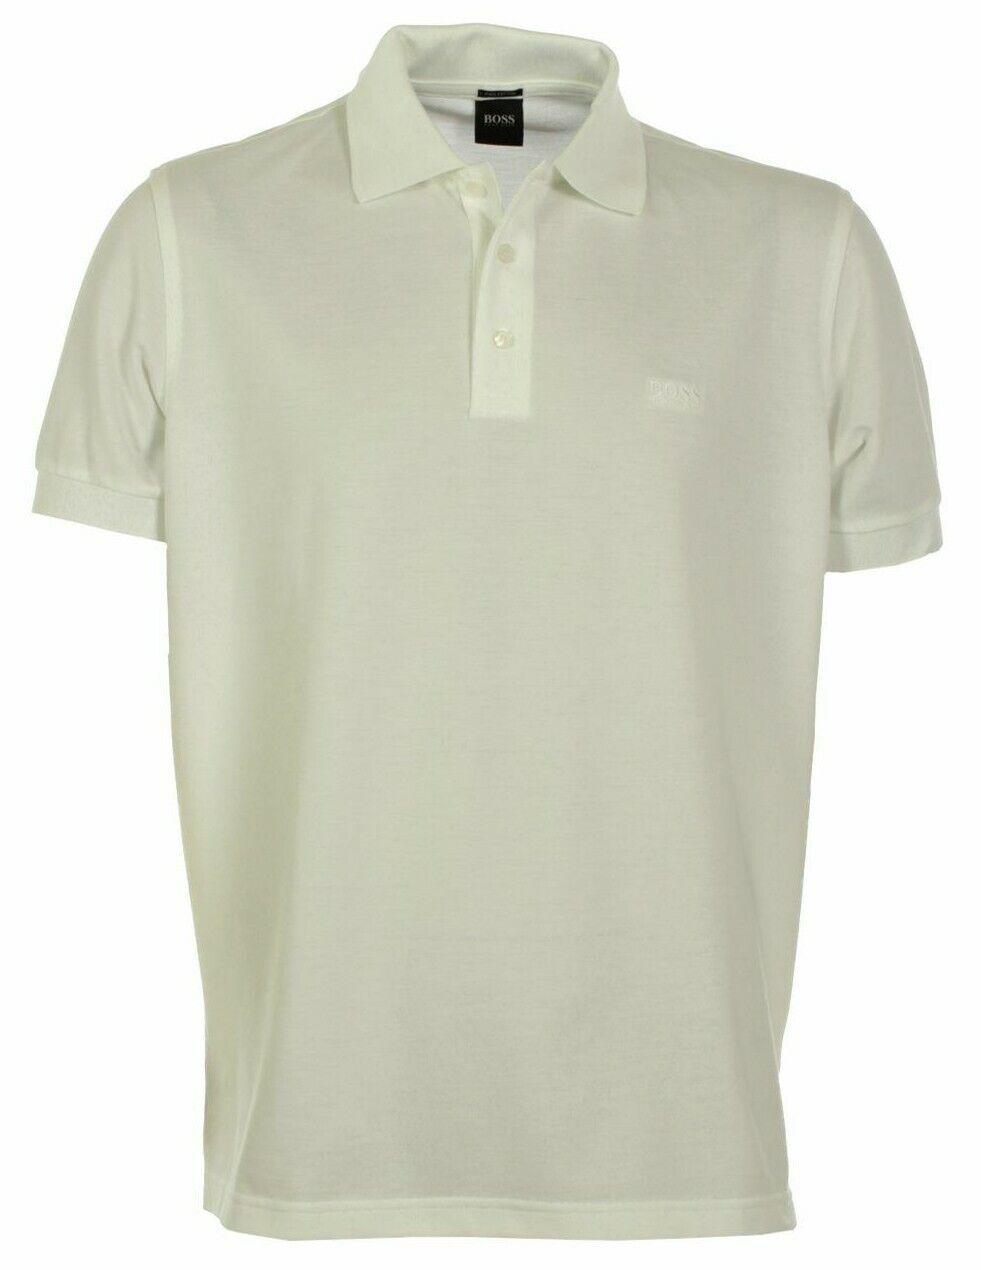 BOSS Ferrara White Pique Polo Shirt Mens Size XL 44 -46  Chest